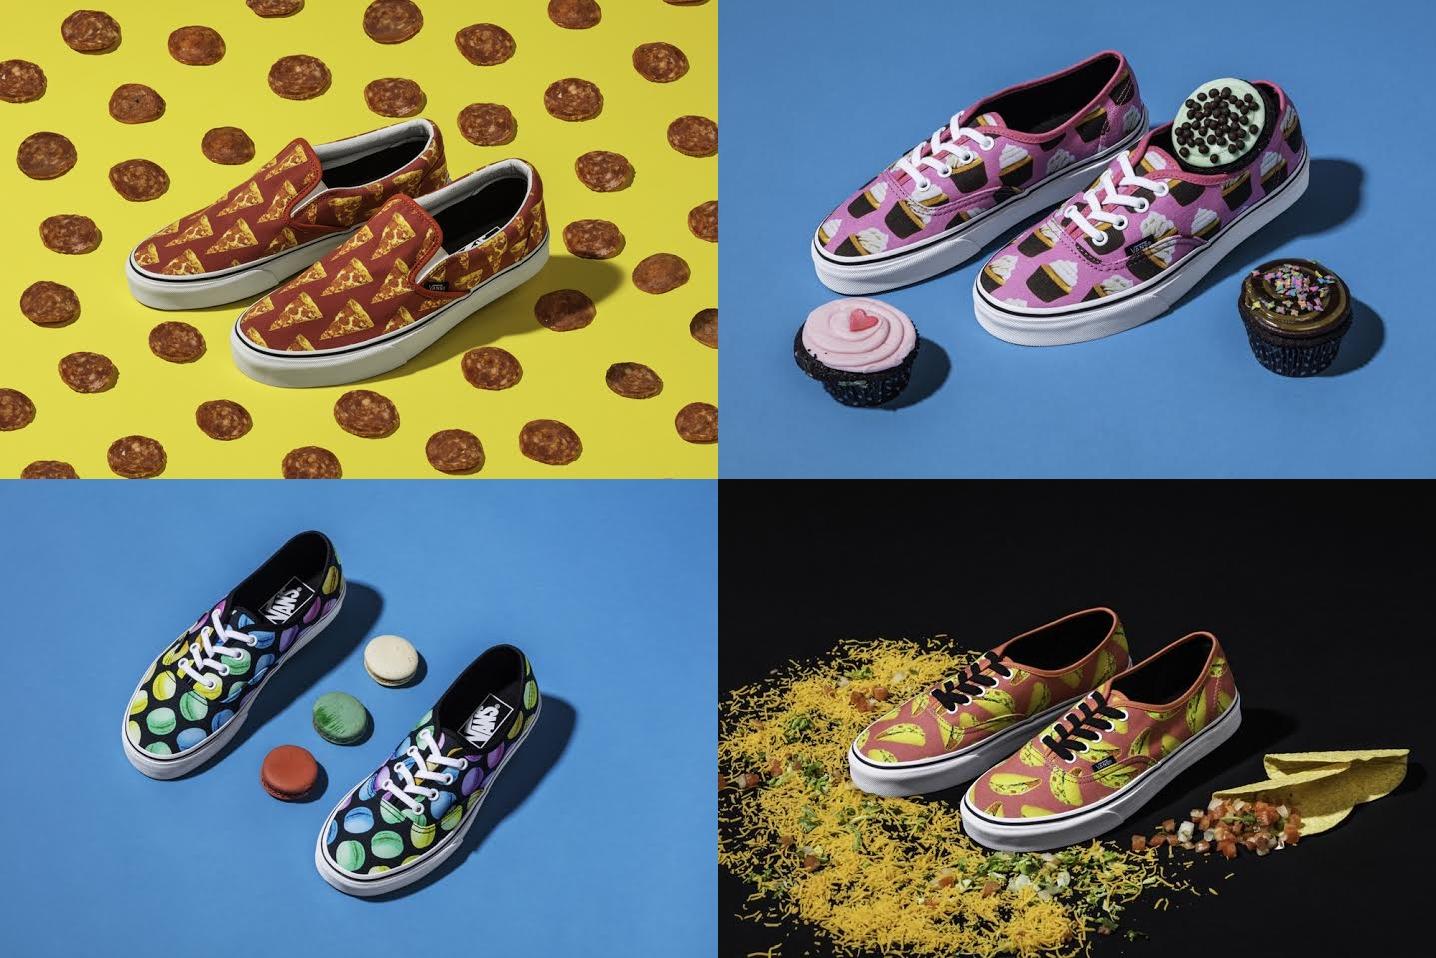 鞋款上滿布 Pizza、漢堡、薯條、甜甜圈、墨西哥捲、馬卡龍和杯型蛋糕等食物,適合喜歡搞怪風格的女孩!這款鞋連小孩款都有喔,好想買來送小朋友喔~~~